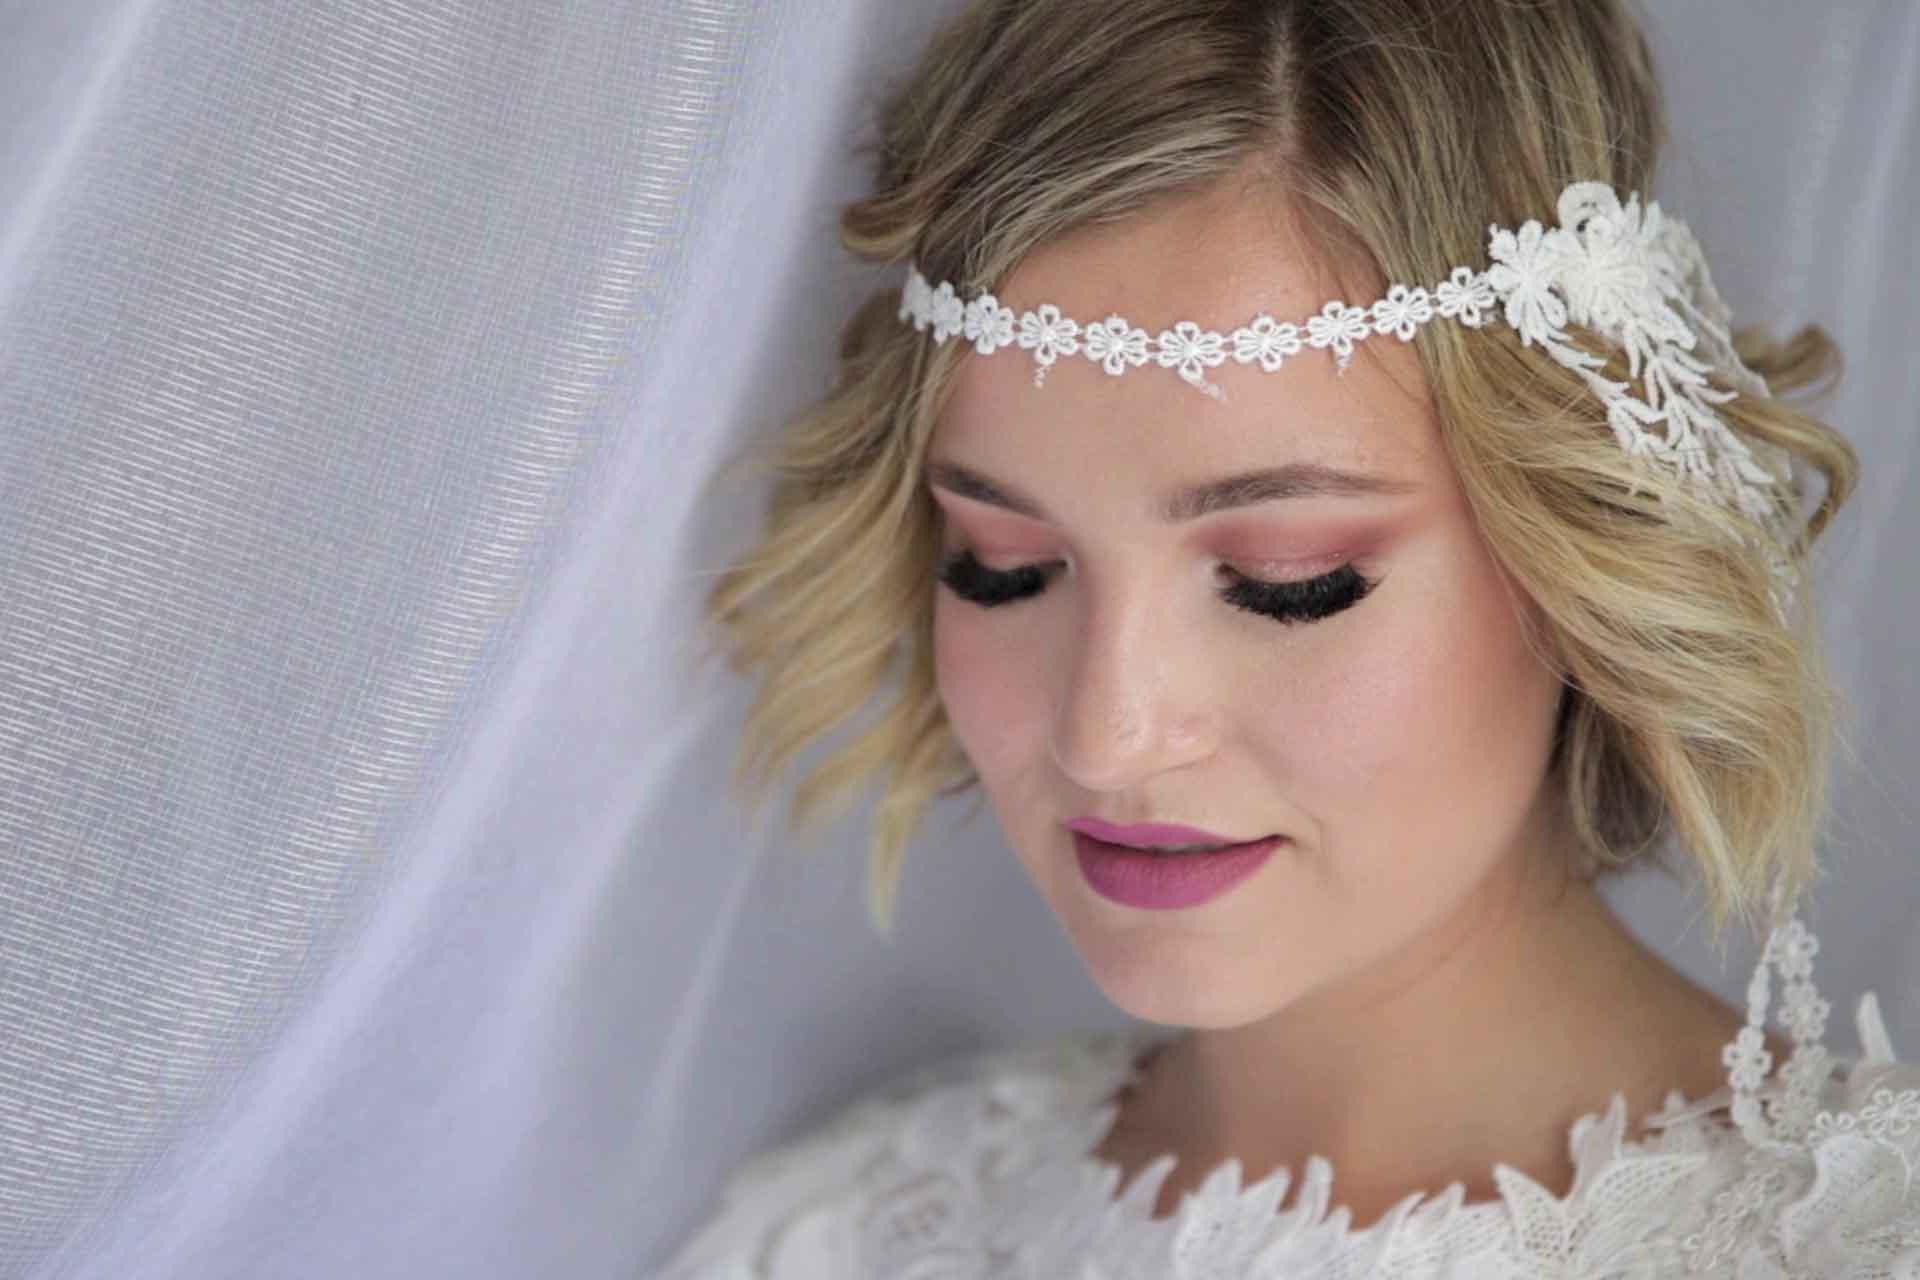 Μιχαέλα και Στέλιος, Βίντεο Γάμου στην Παναγία Μυρτιδιώτισσα Αλίμου